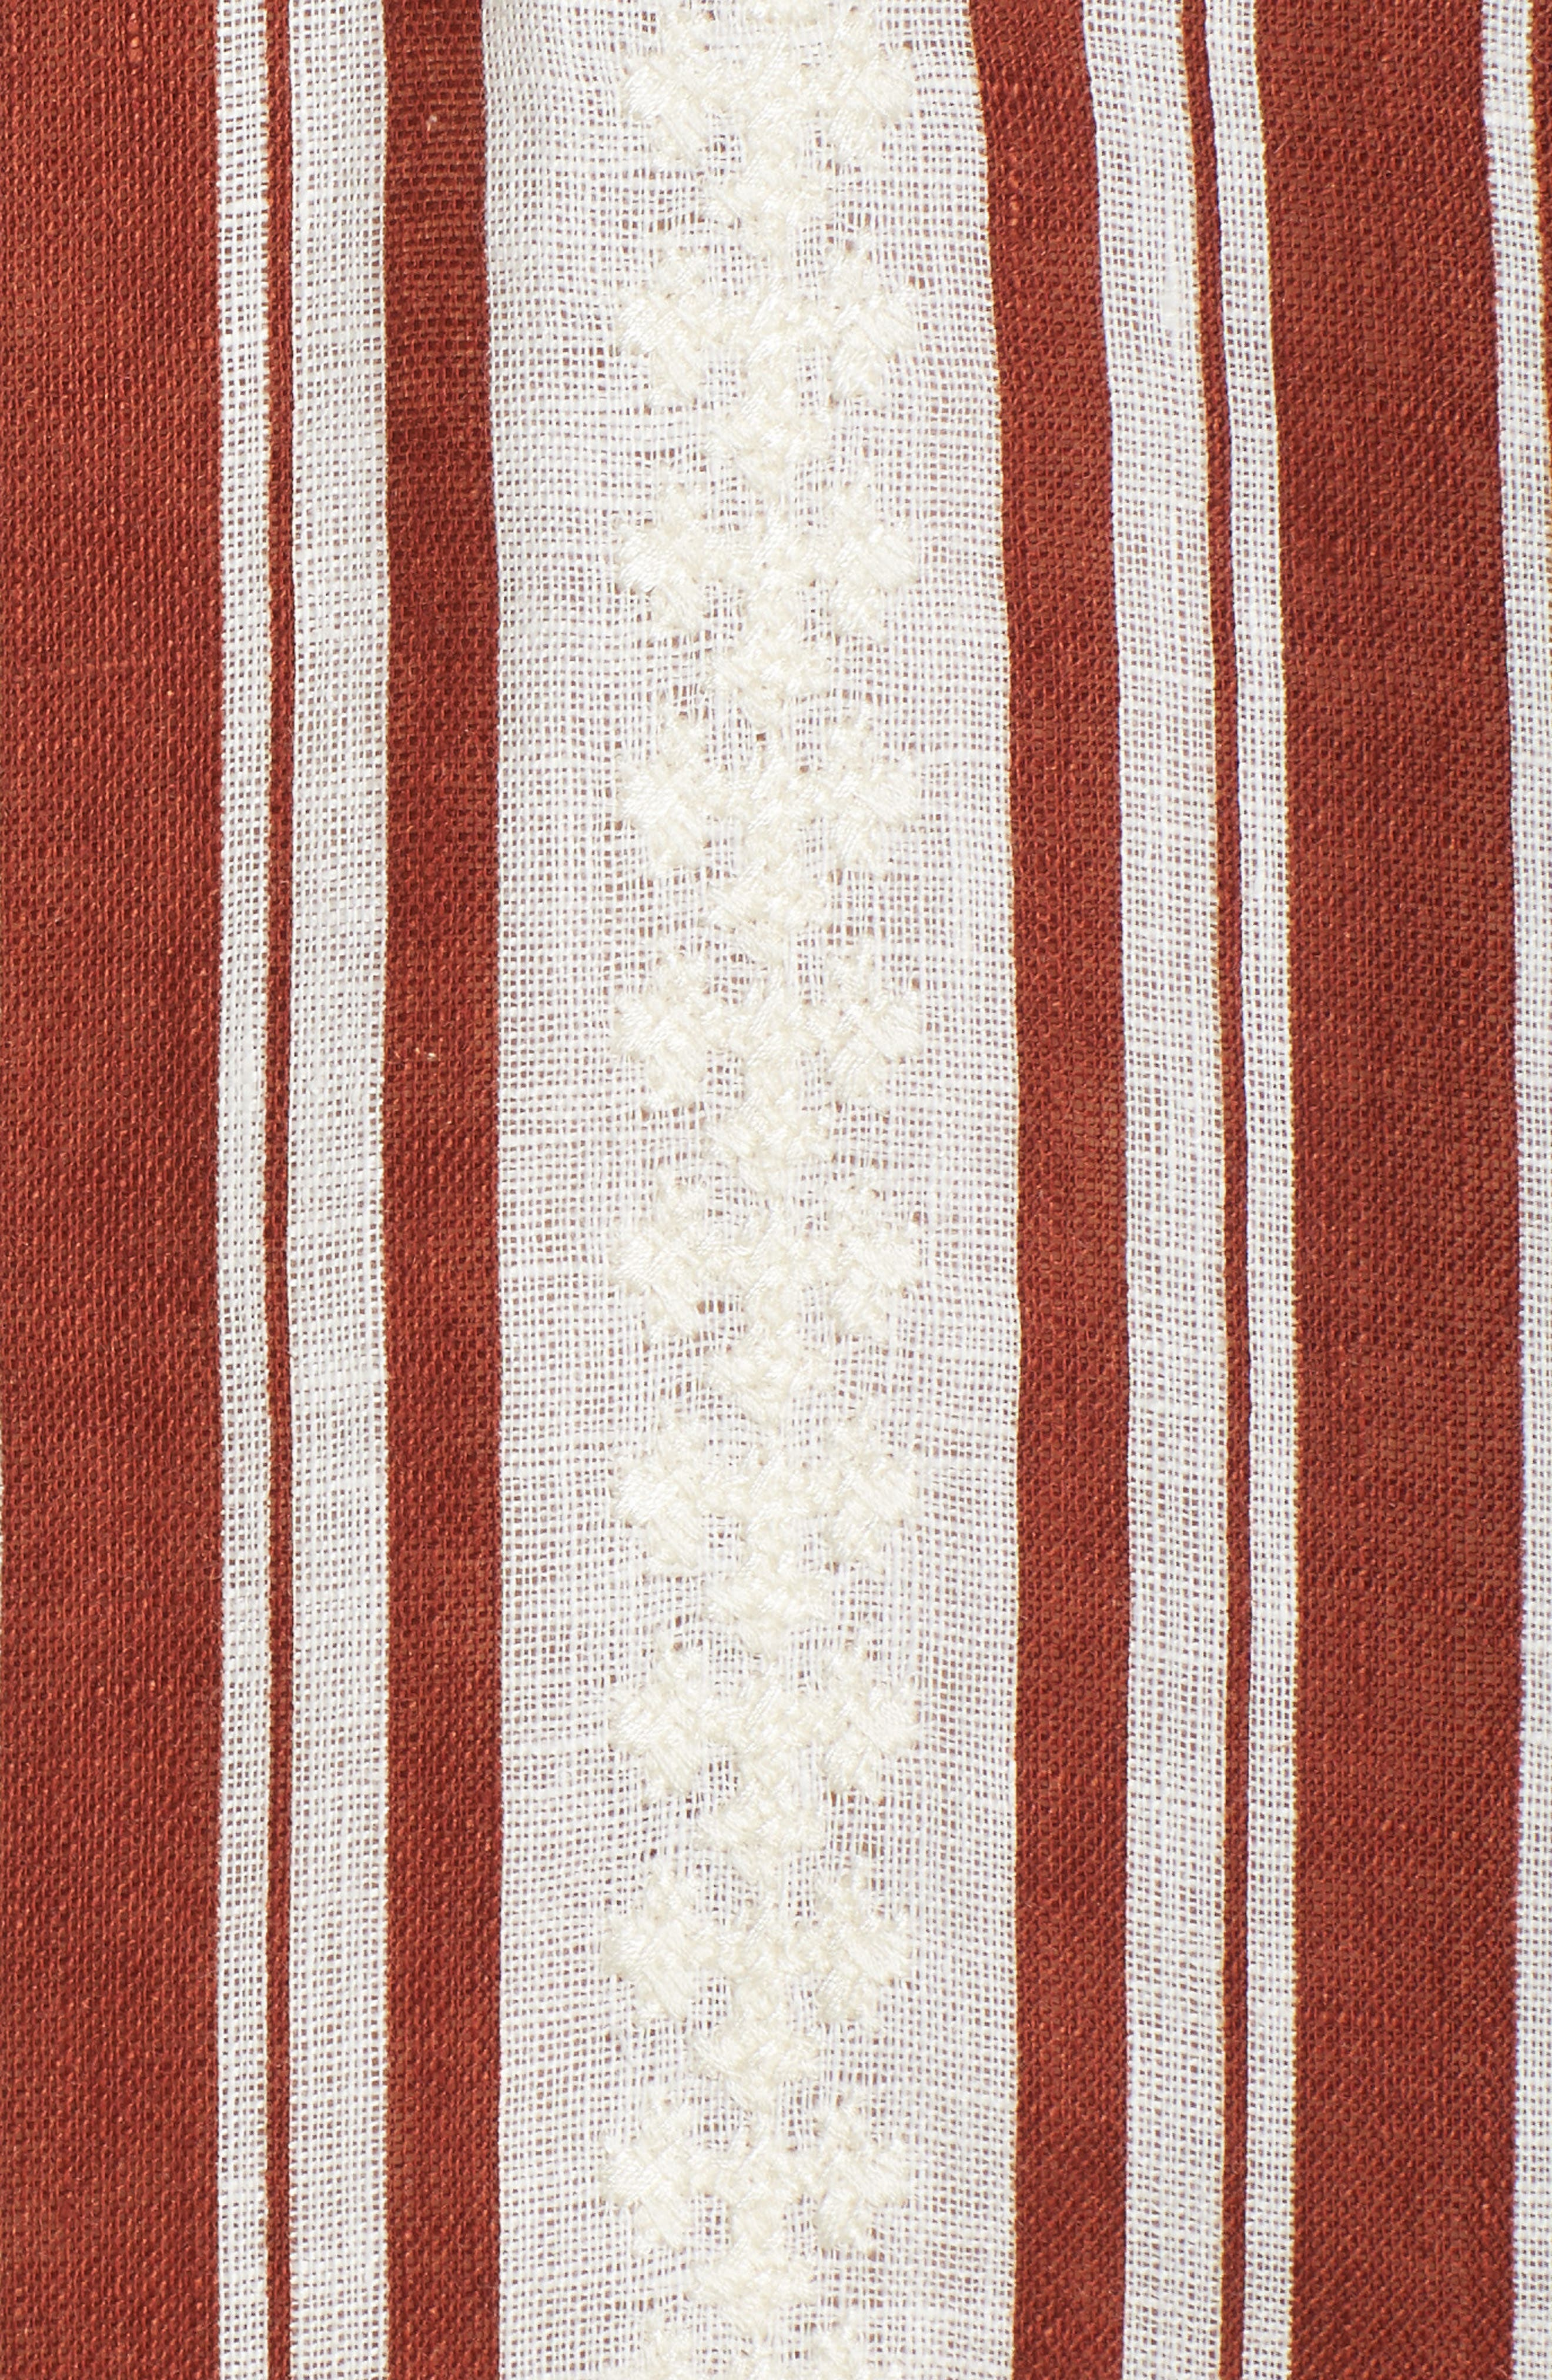 Alcott Beach Linen Cover-Up Caftan,                             Alternate thumbnail 5, color,                             900